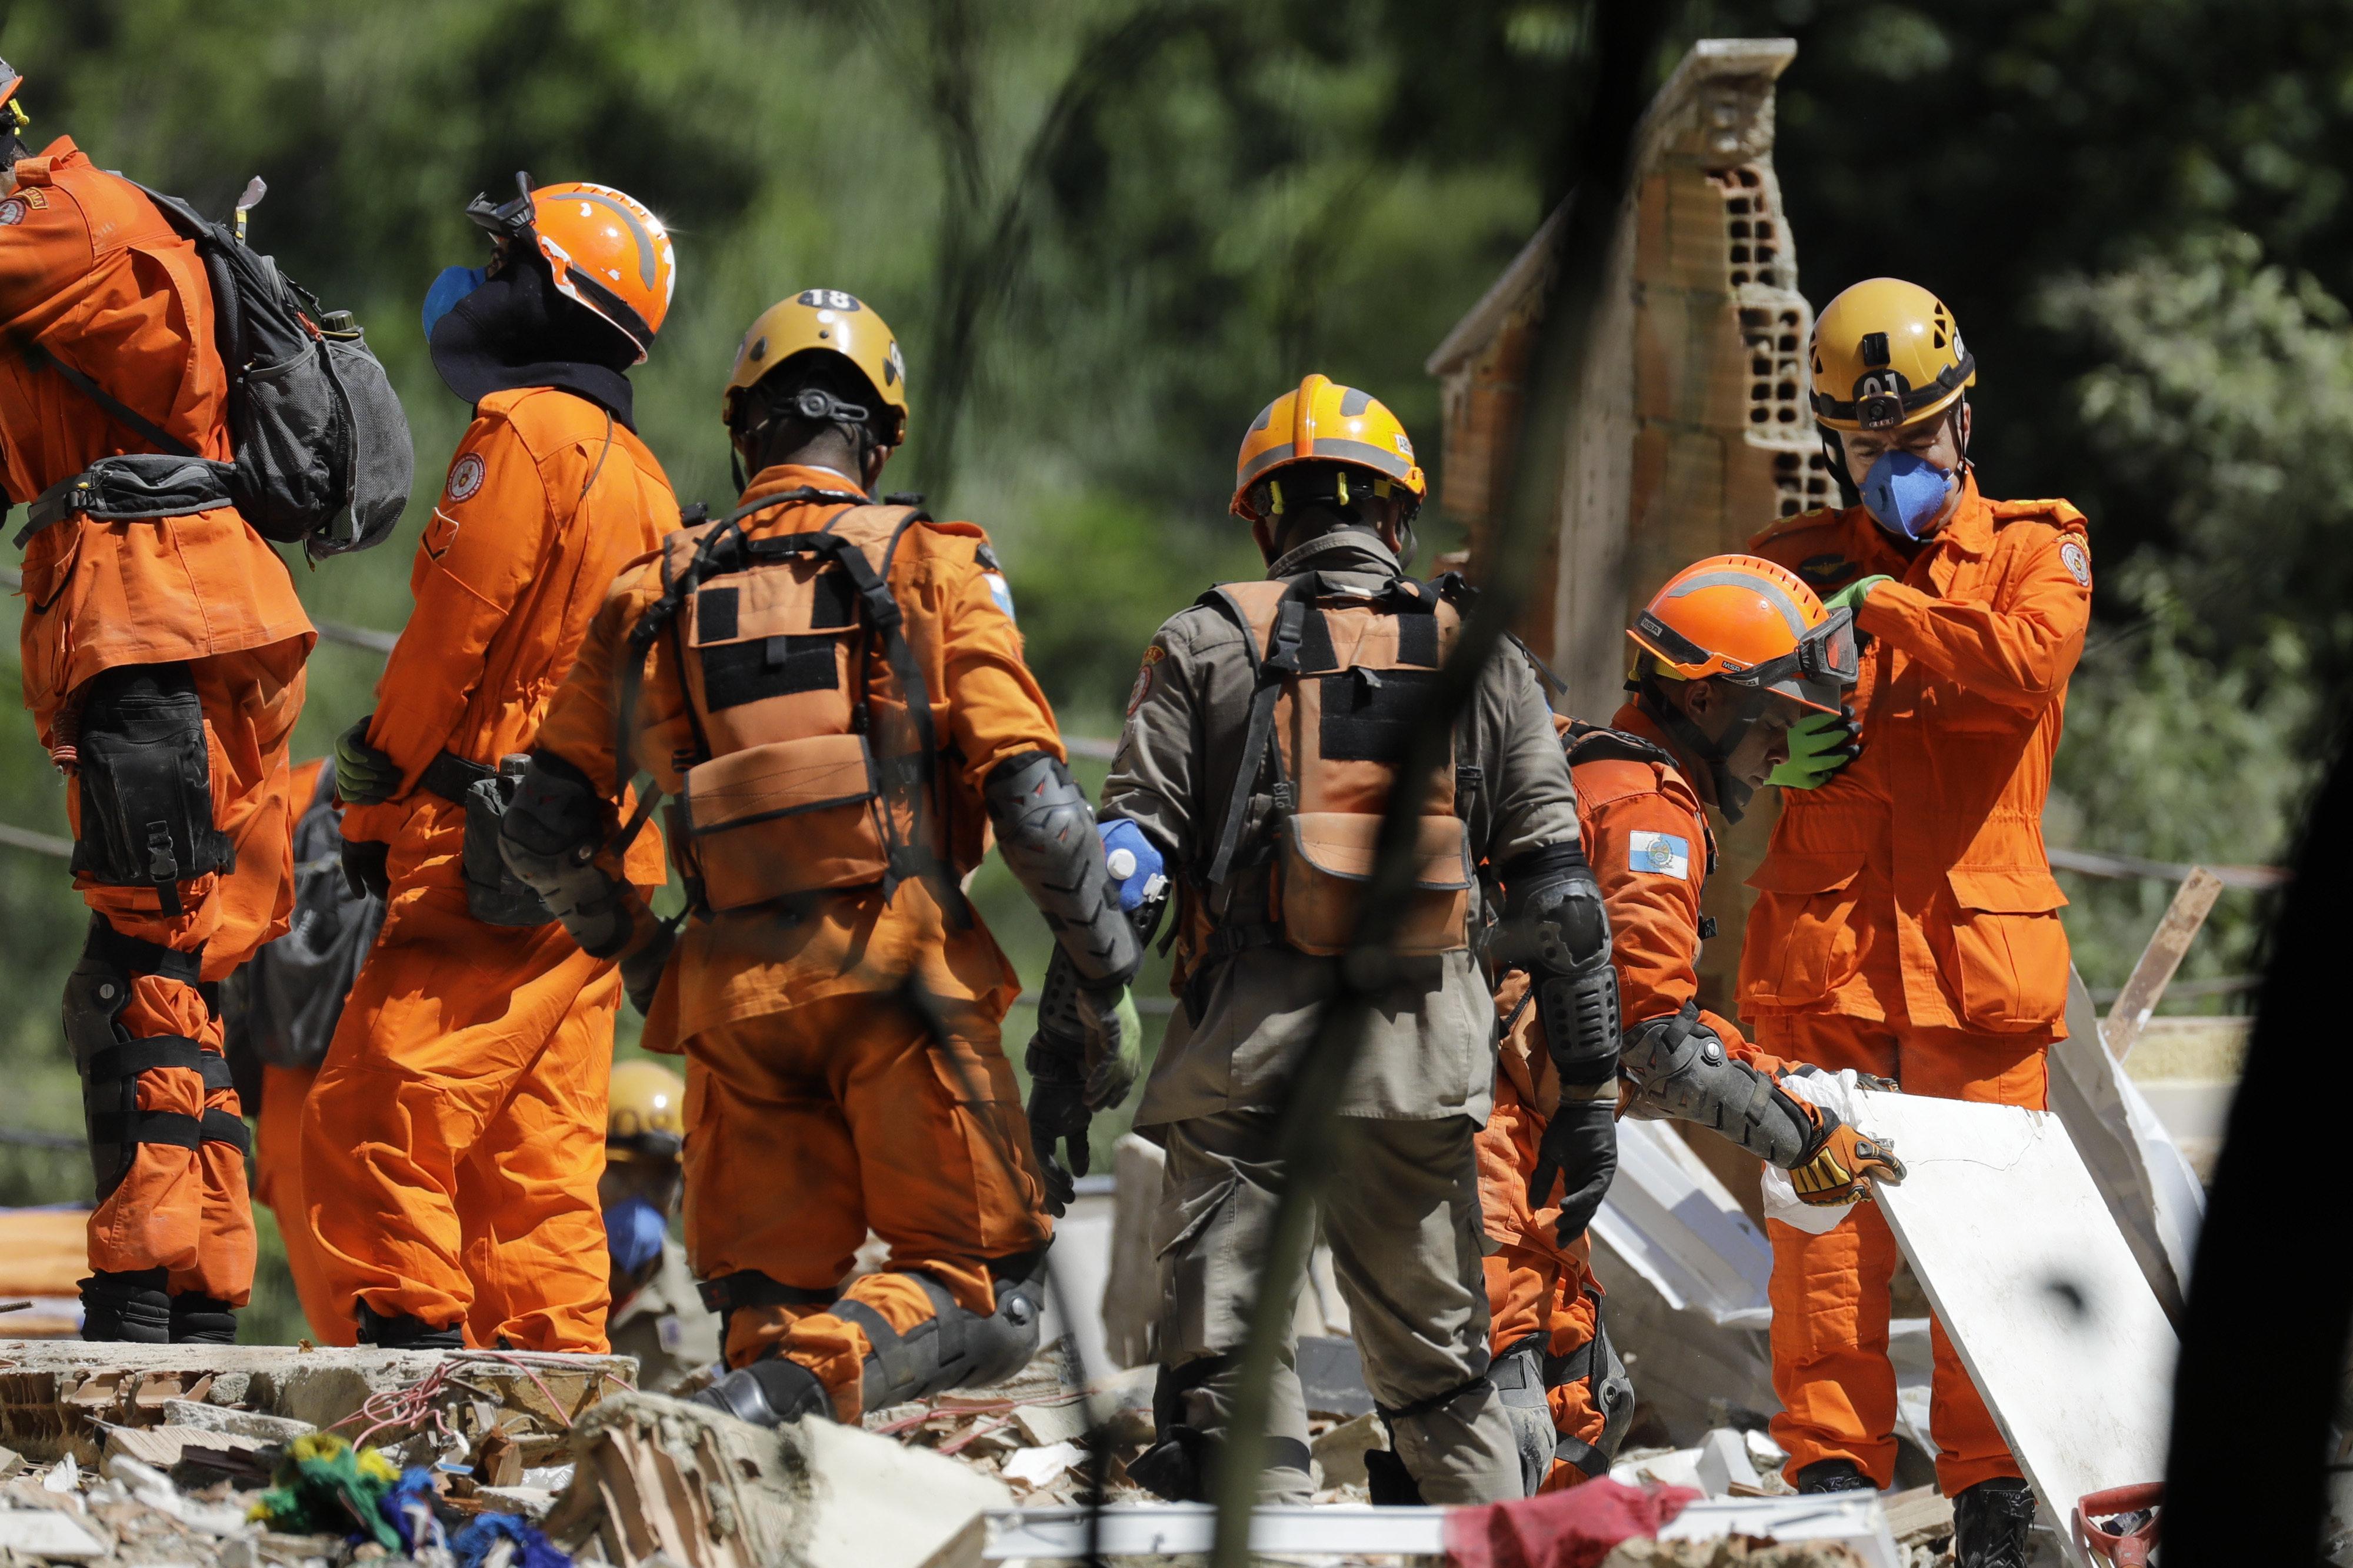 Bombeiros encontram corpos de 2 crianças nos escombros de prédios que desabaram no